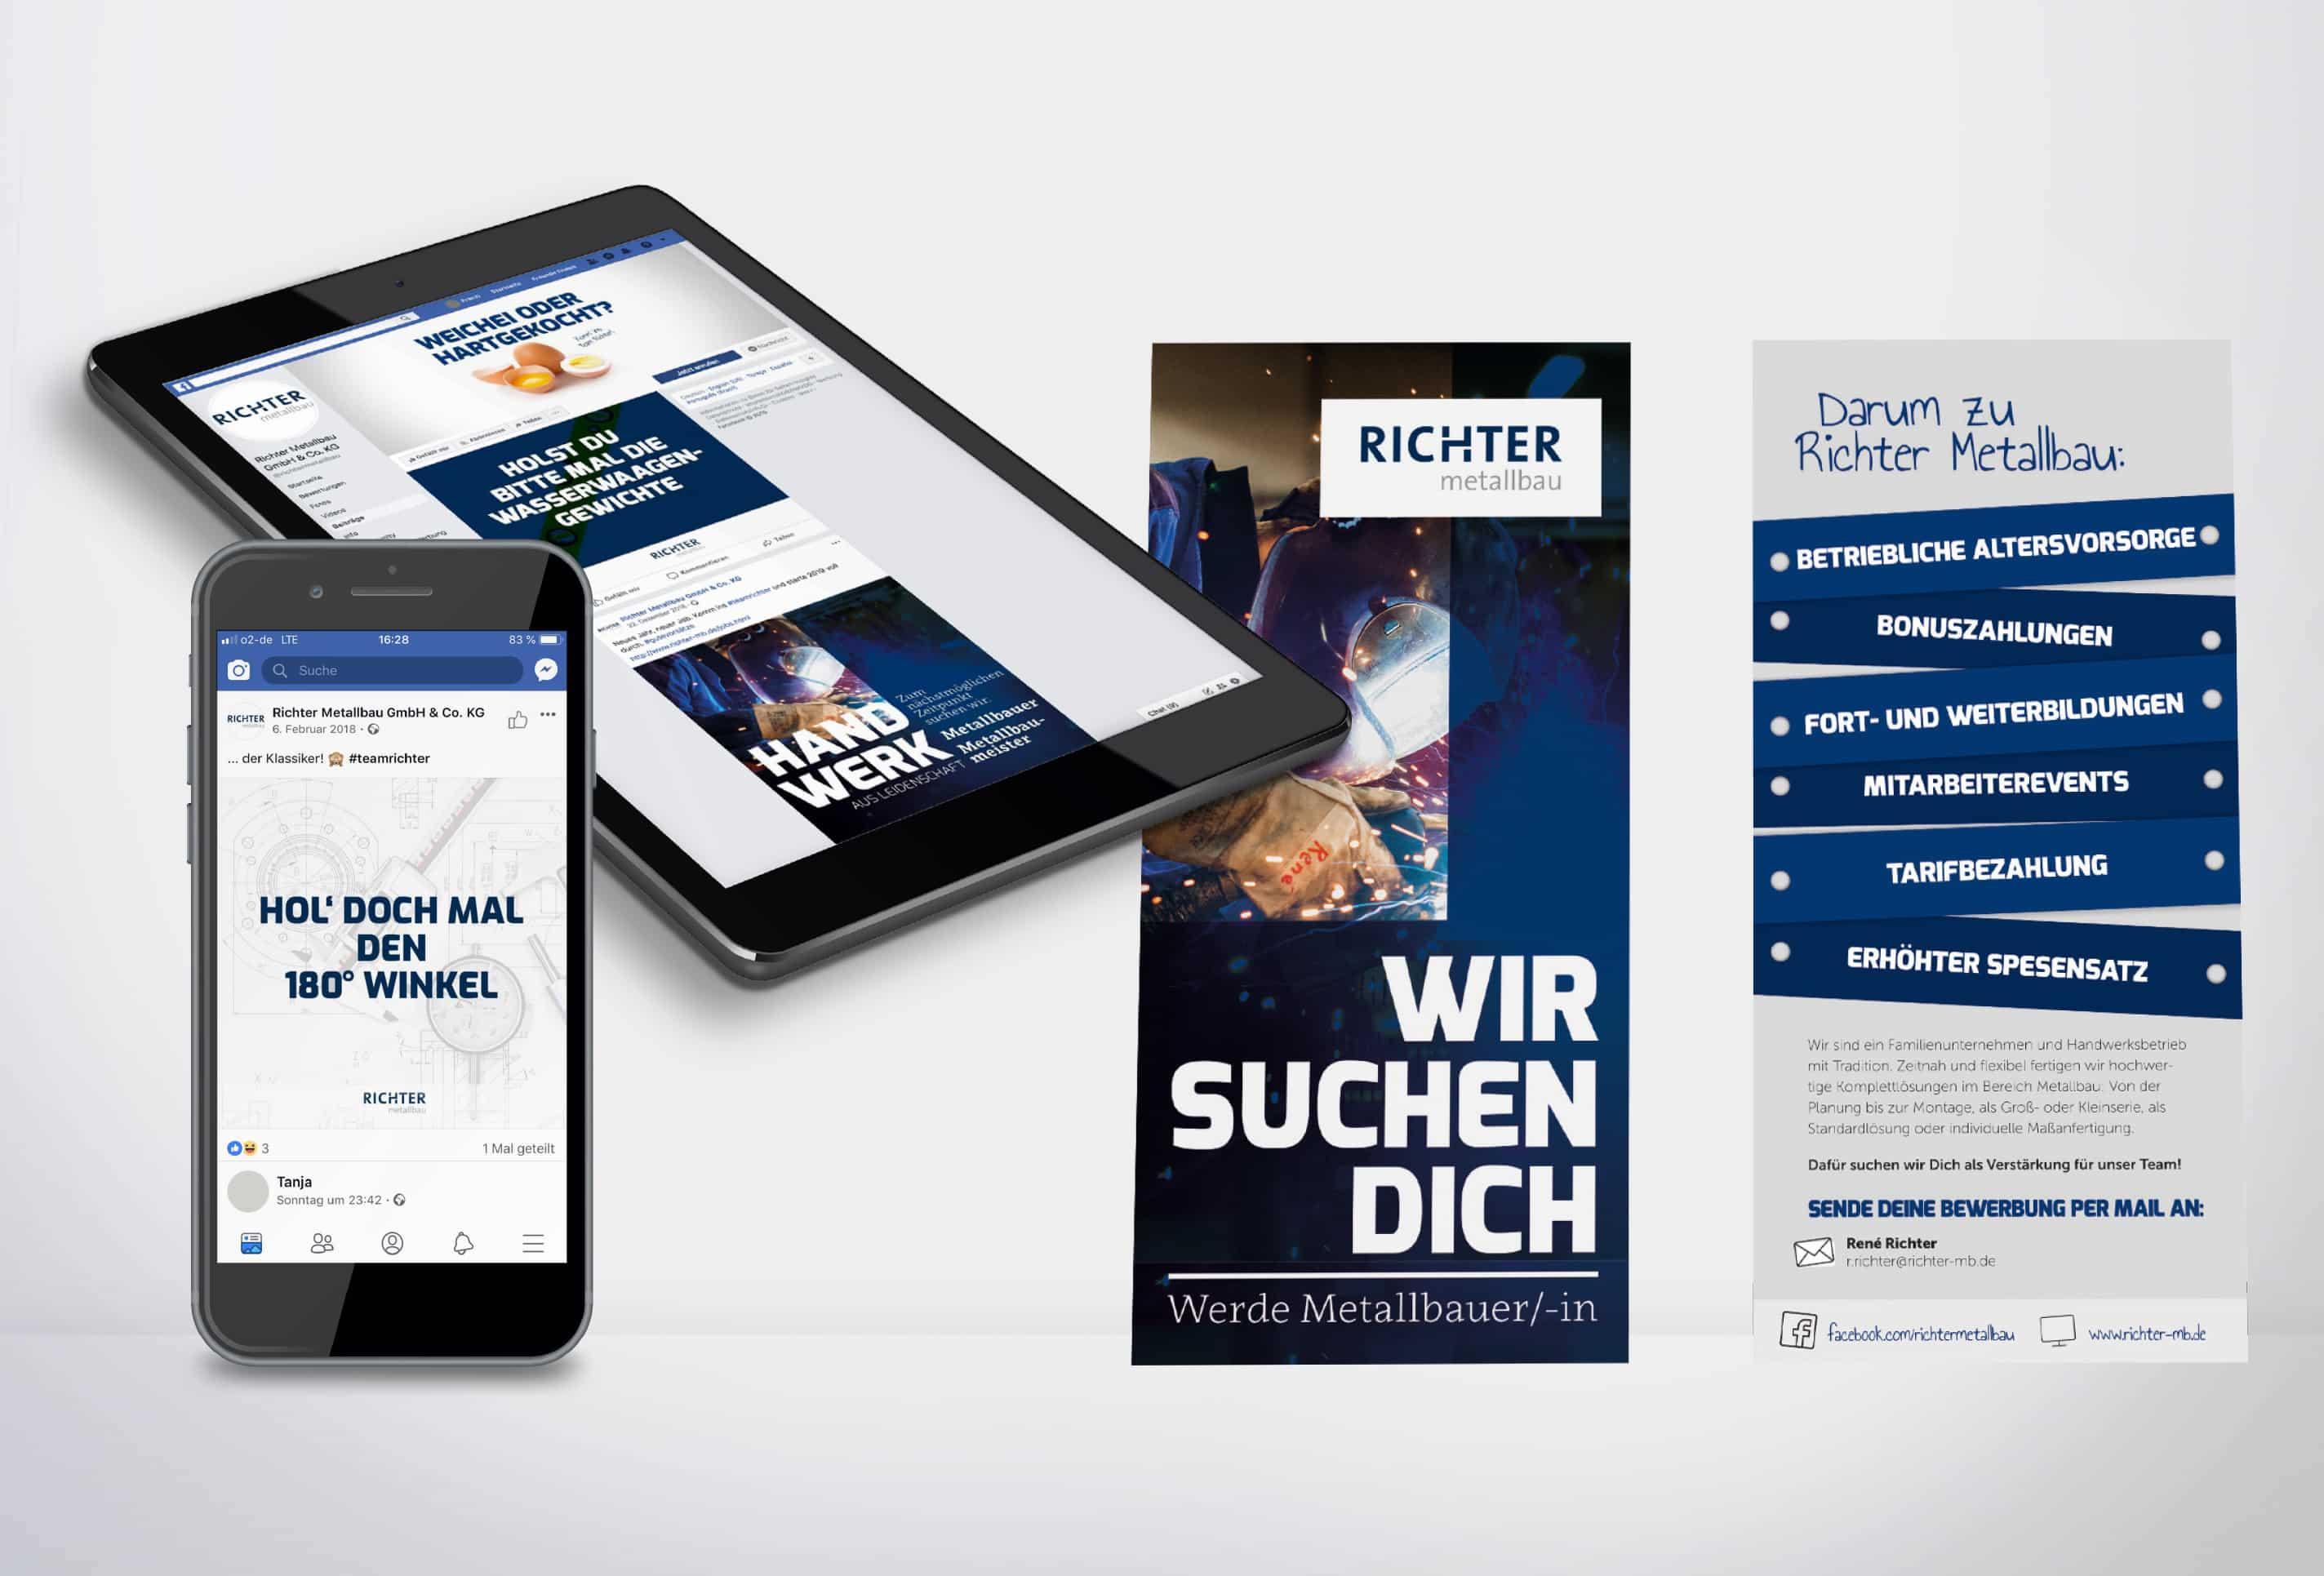 team4media Referenz Personalmarketing Richter Metallbau